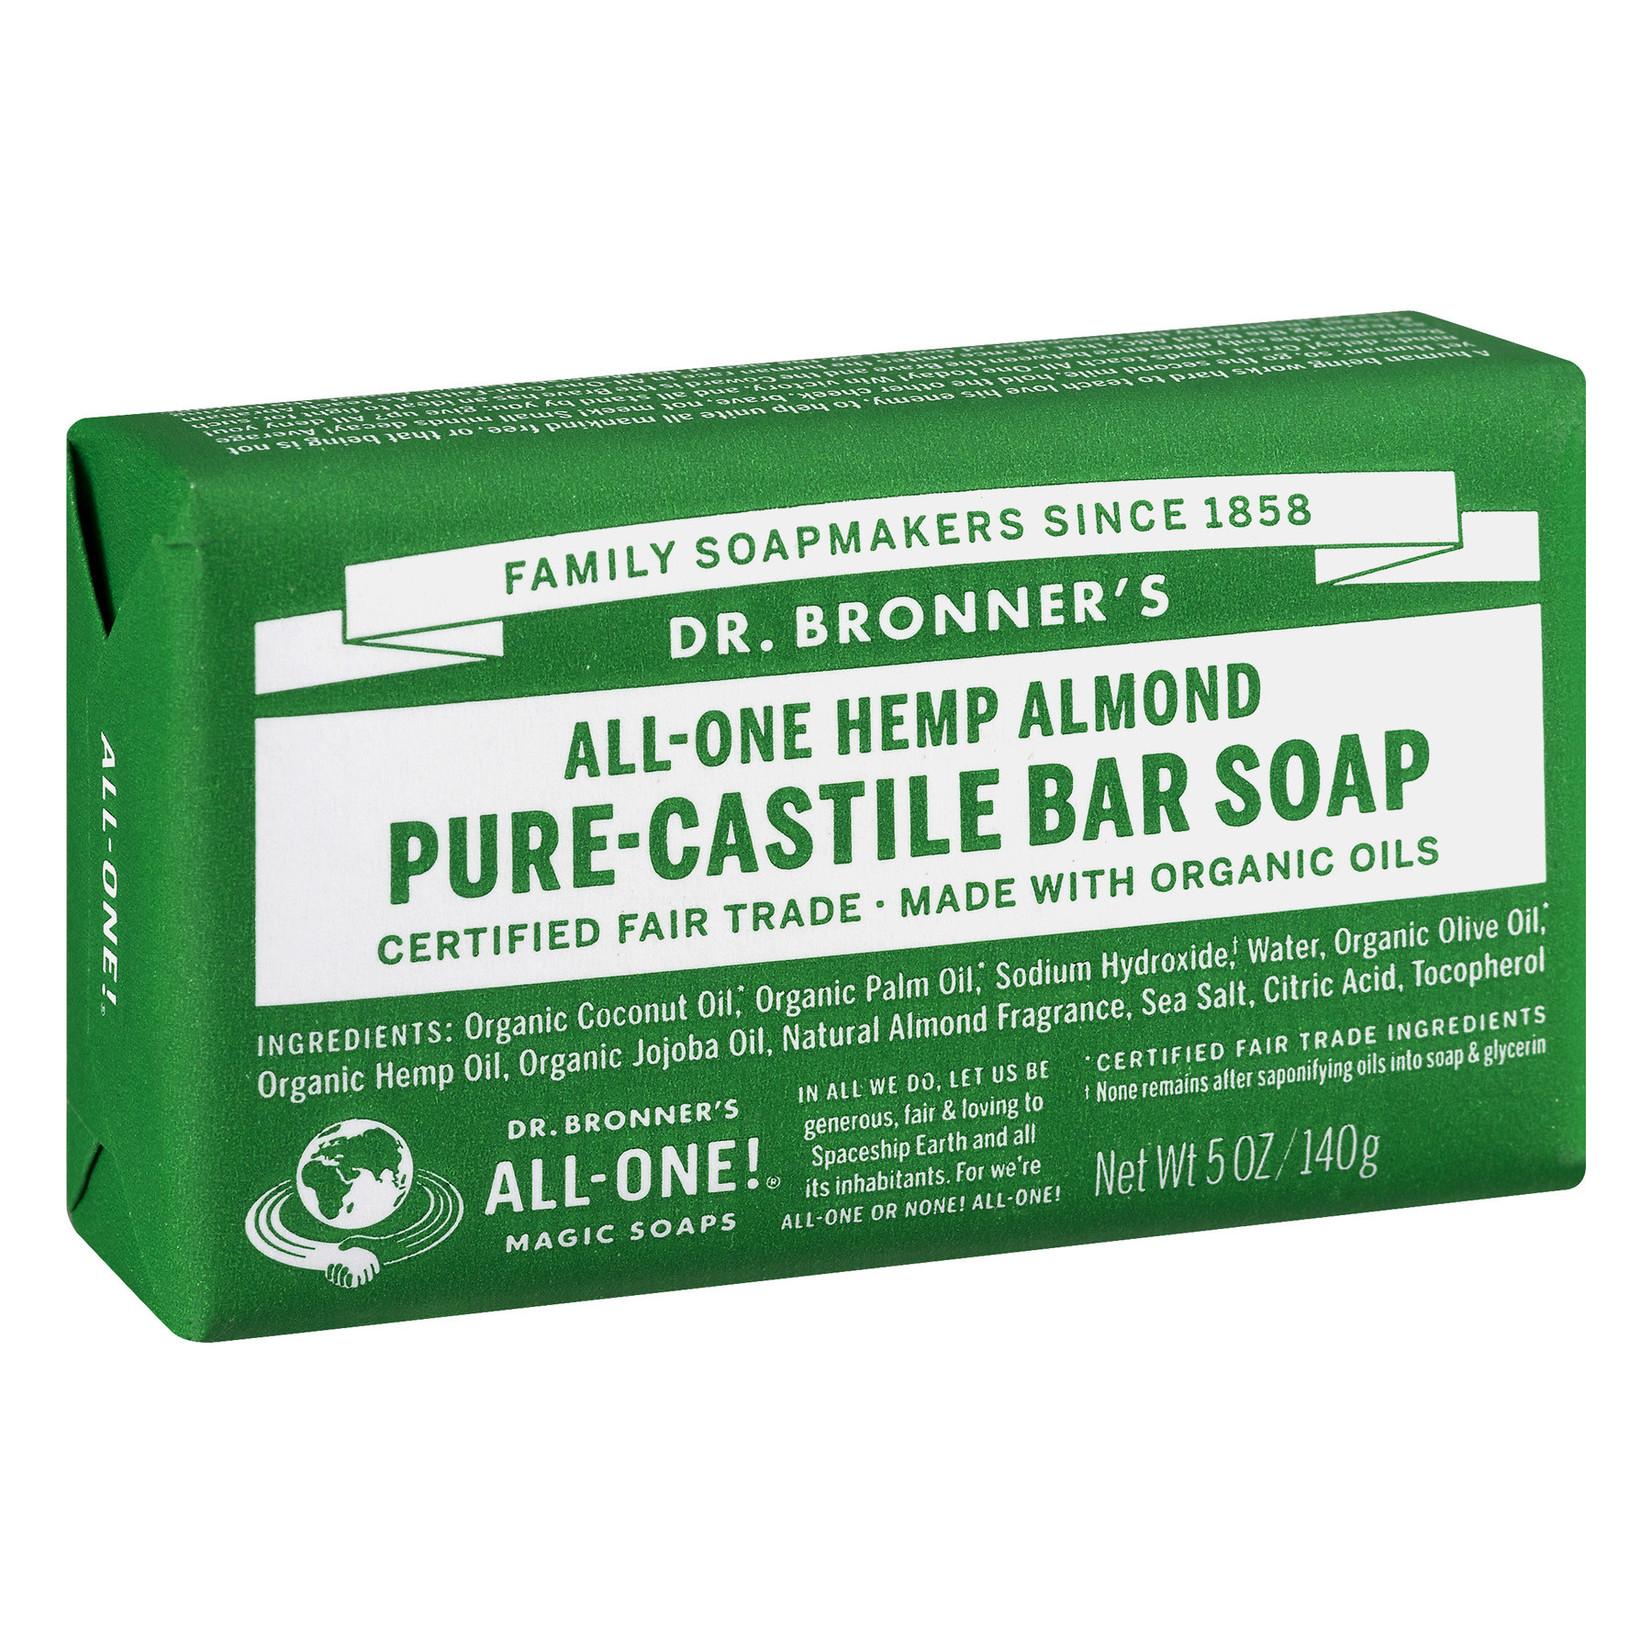 Dr. Bronner's Dr. Bronner's Almond Bar Soap